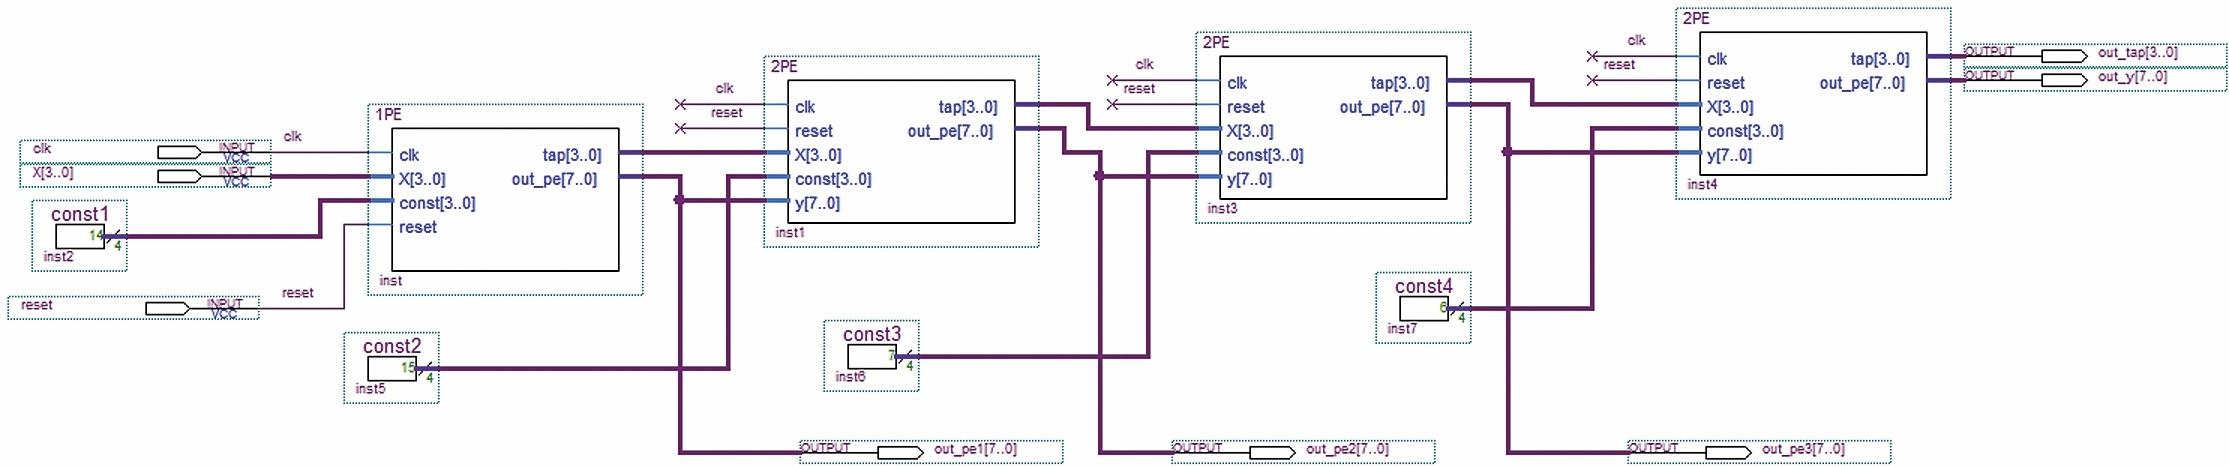 Систолический КИХ-фильтр на четыре отвода в САПР ПЛИС Quartus II с процессорными элементами ПЭ1 и ПЭ2